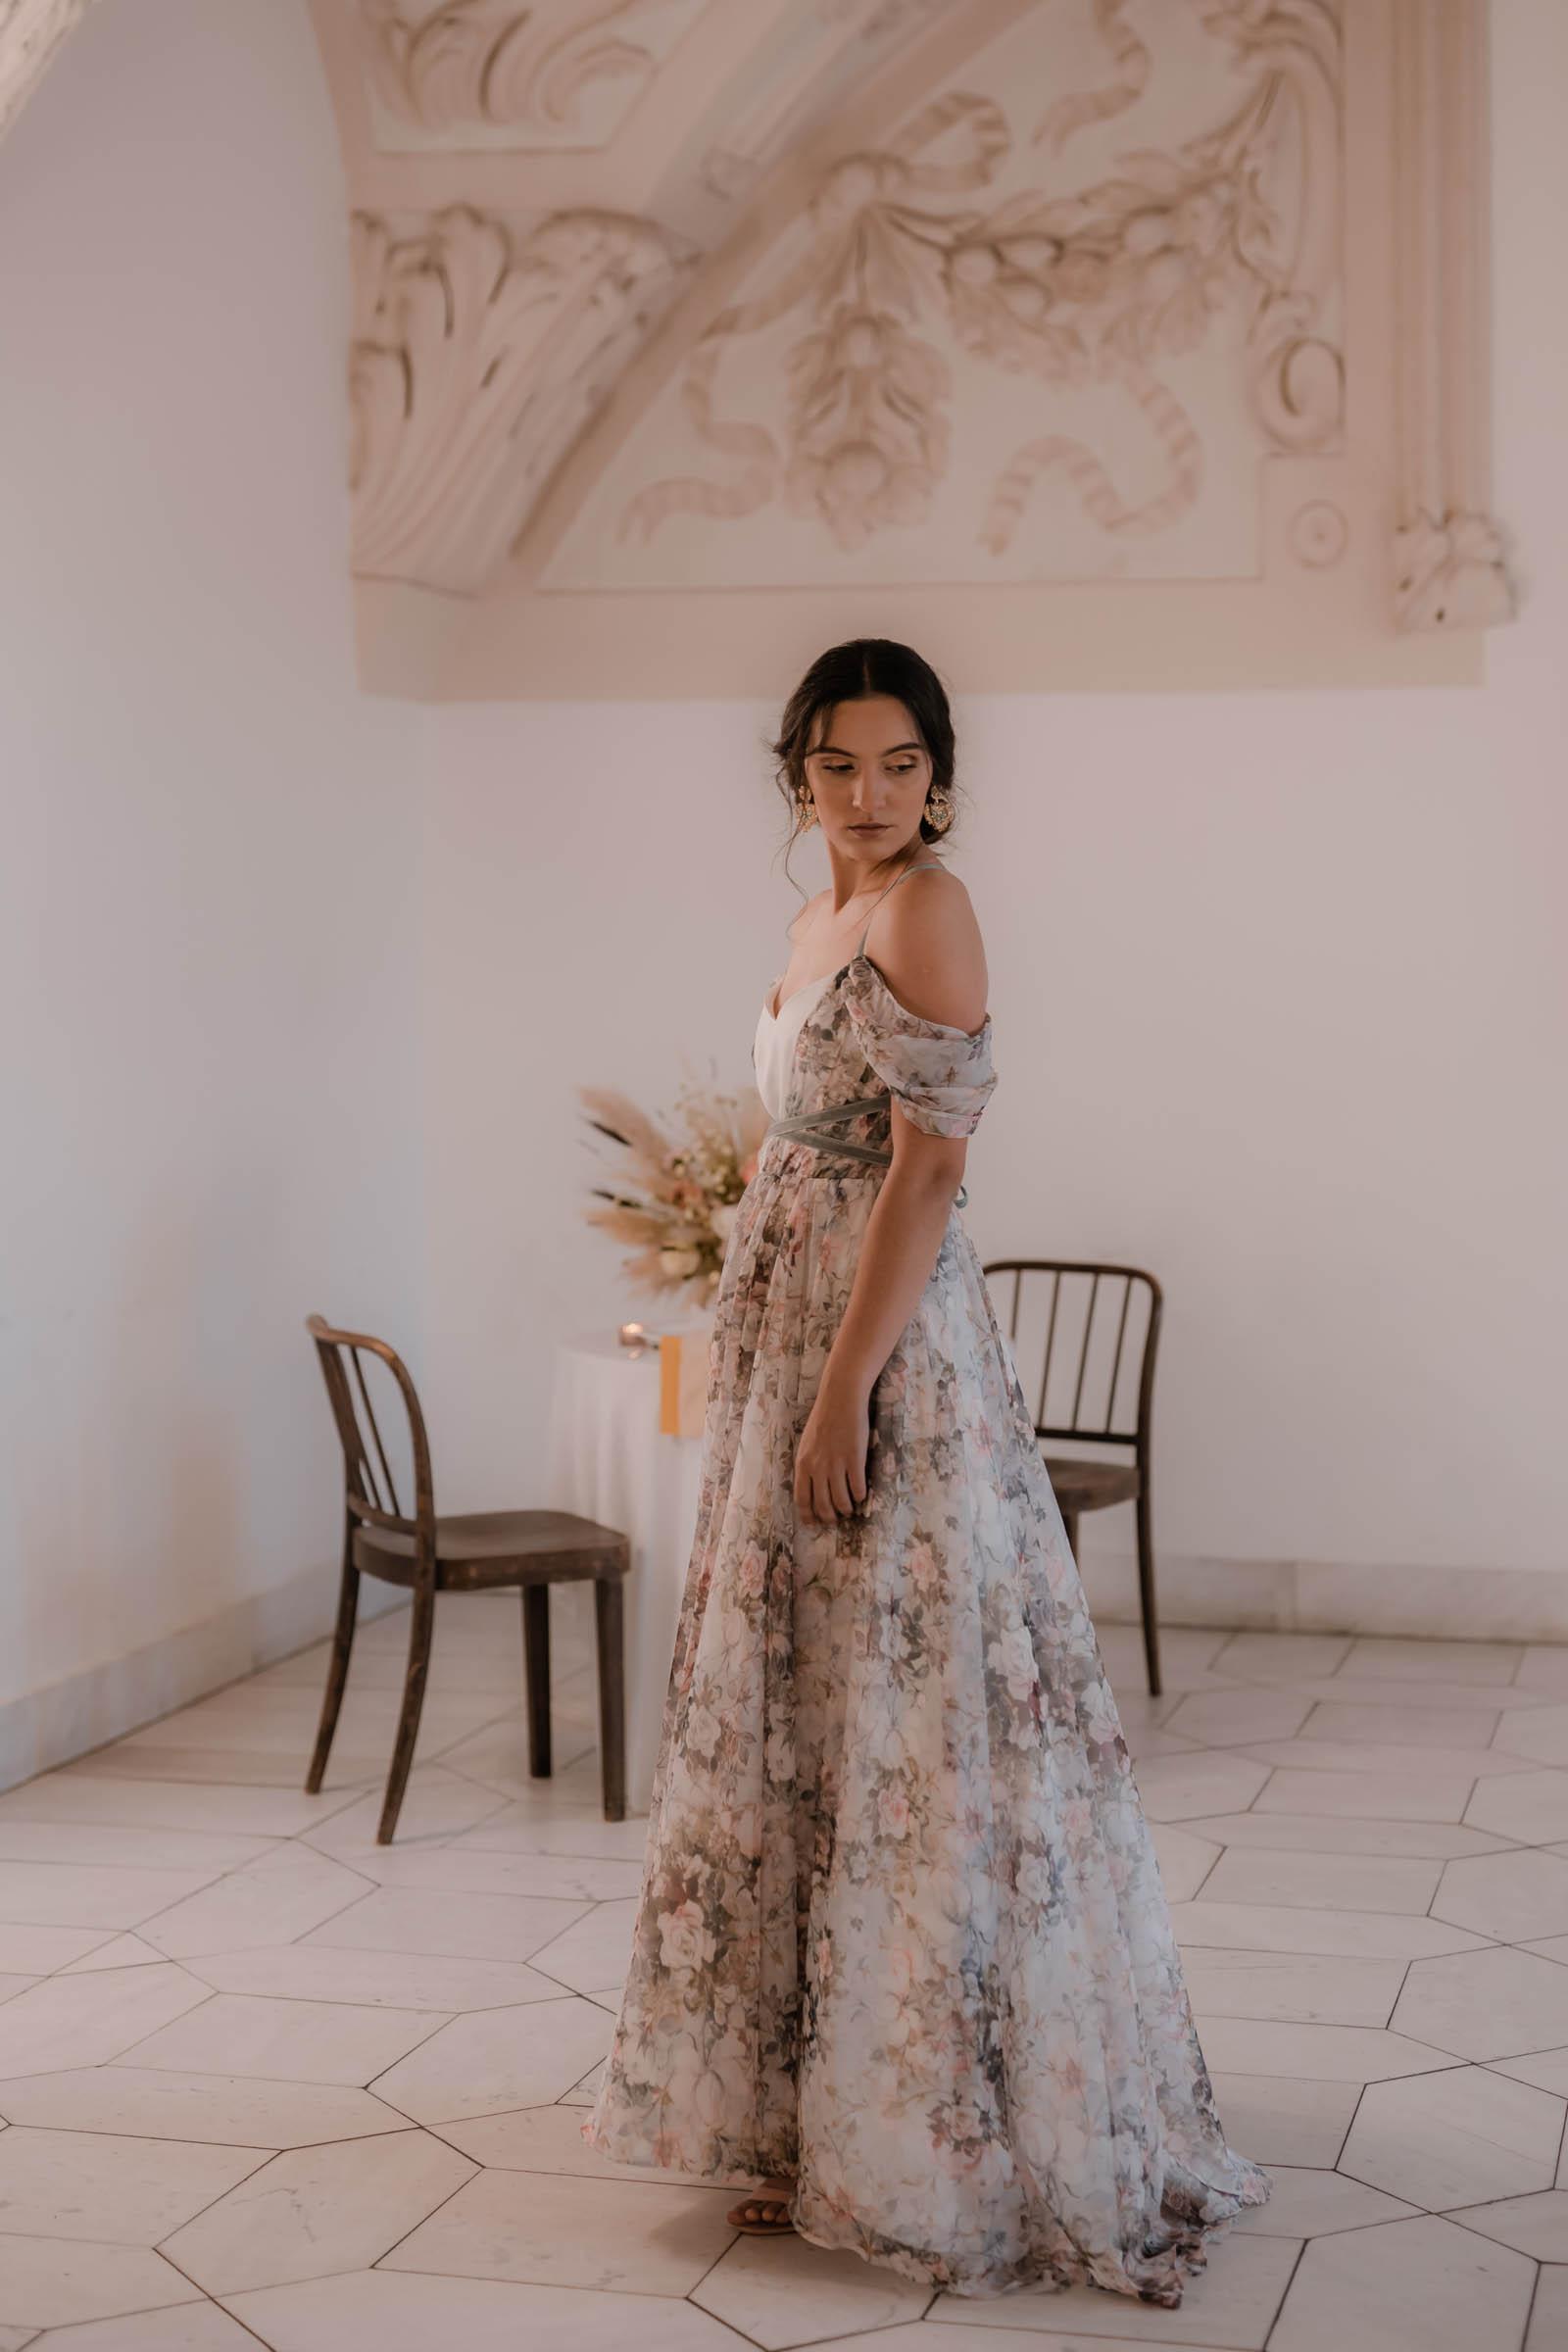 boho-svadobne-saty-veronika-kostkova-wedding-atelier-2019-maya-2